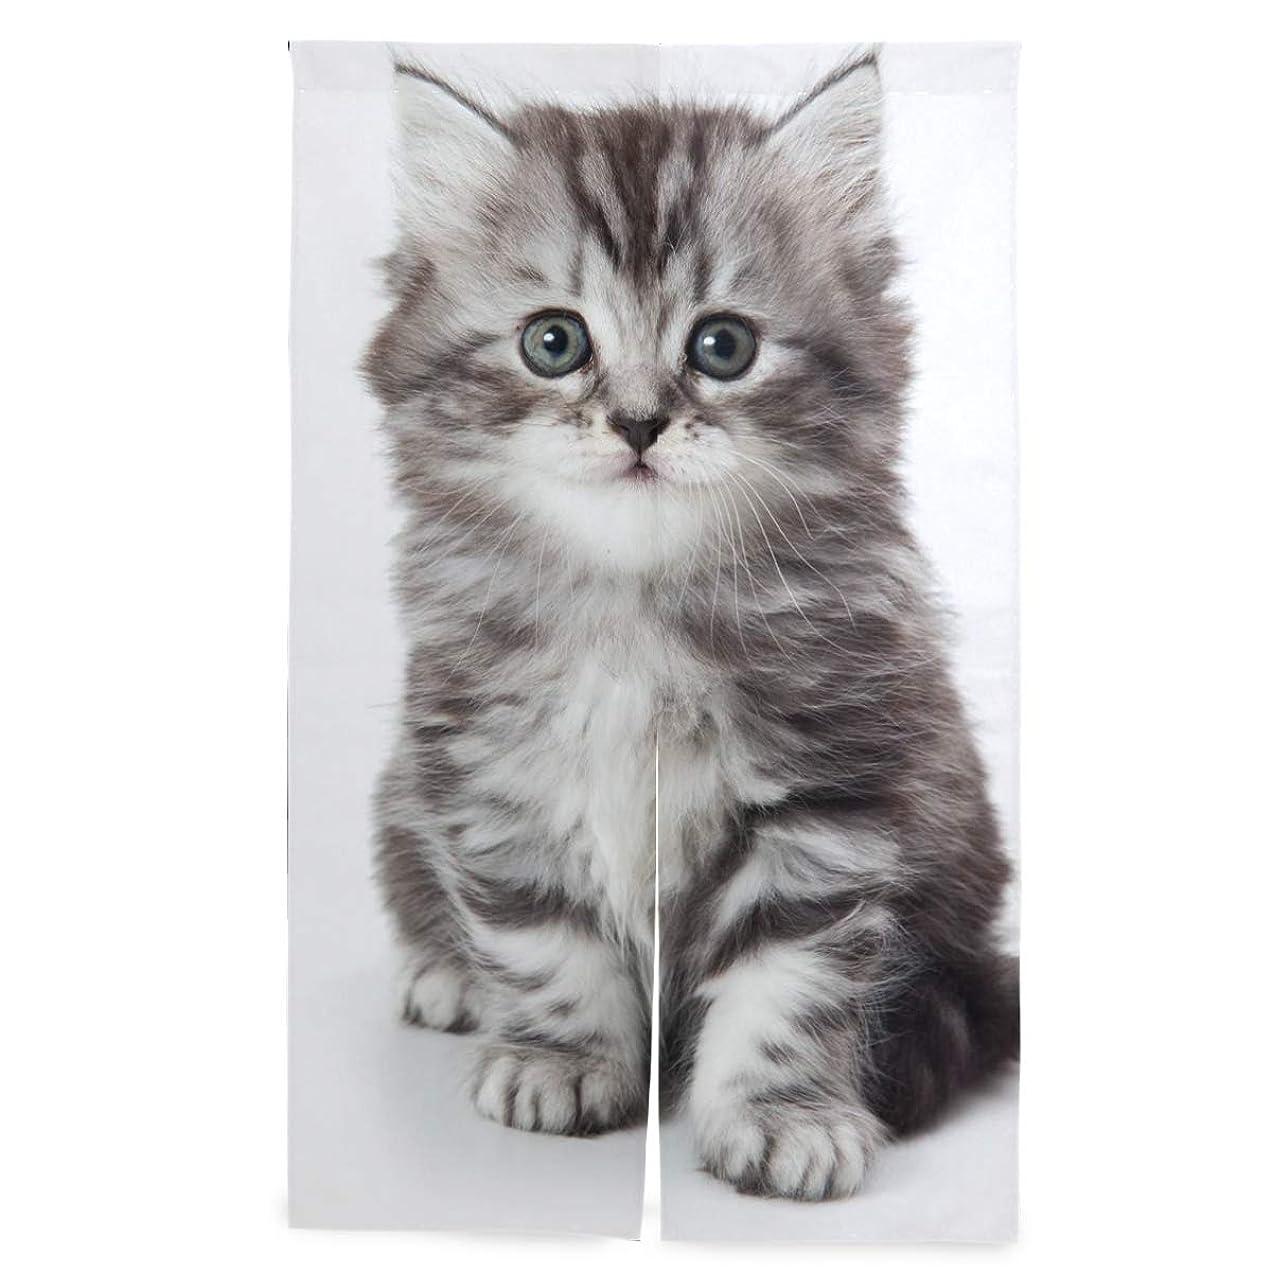 ライセンス一掃する無知マキク(MAKIKU) のれん 猫柄 おしゃれ ロング 暖簾 洗濯可 突っ張り棒付き 幅86cm×丈143cm